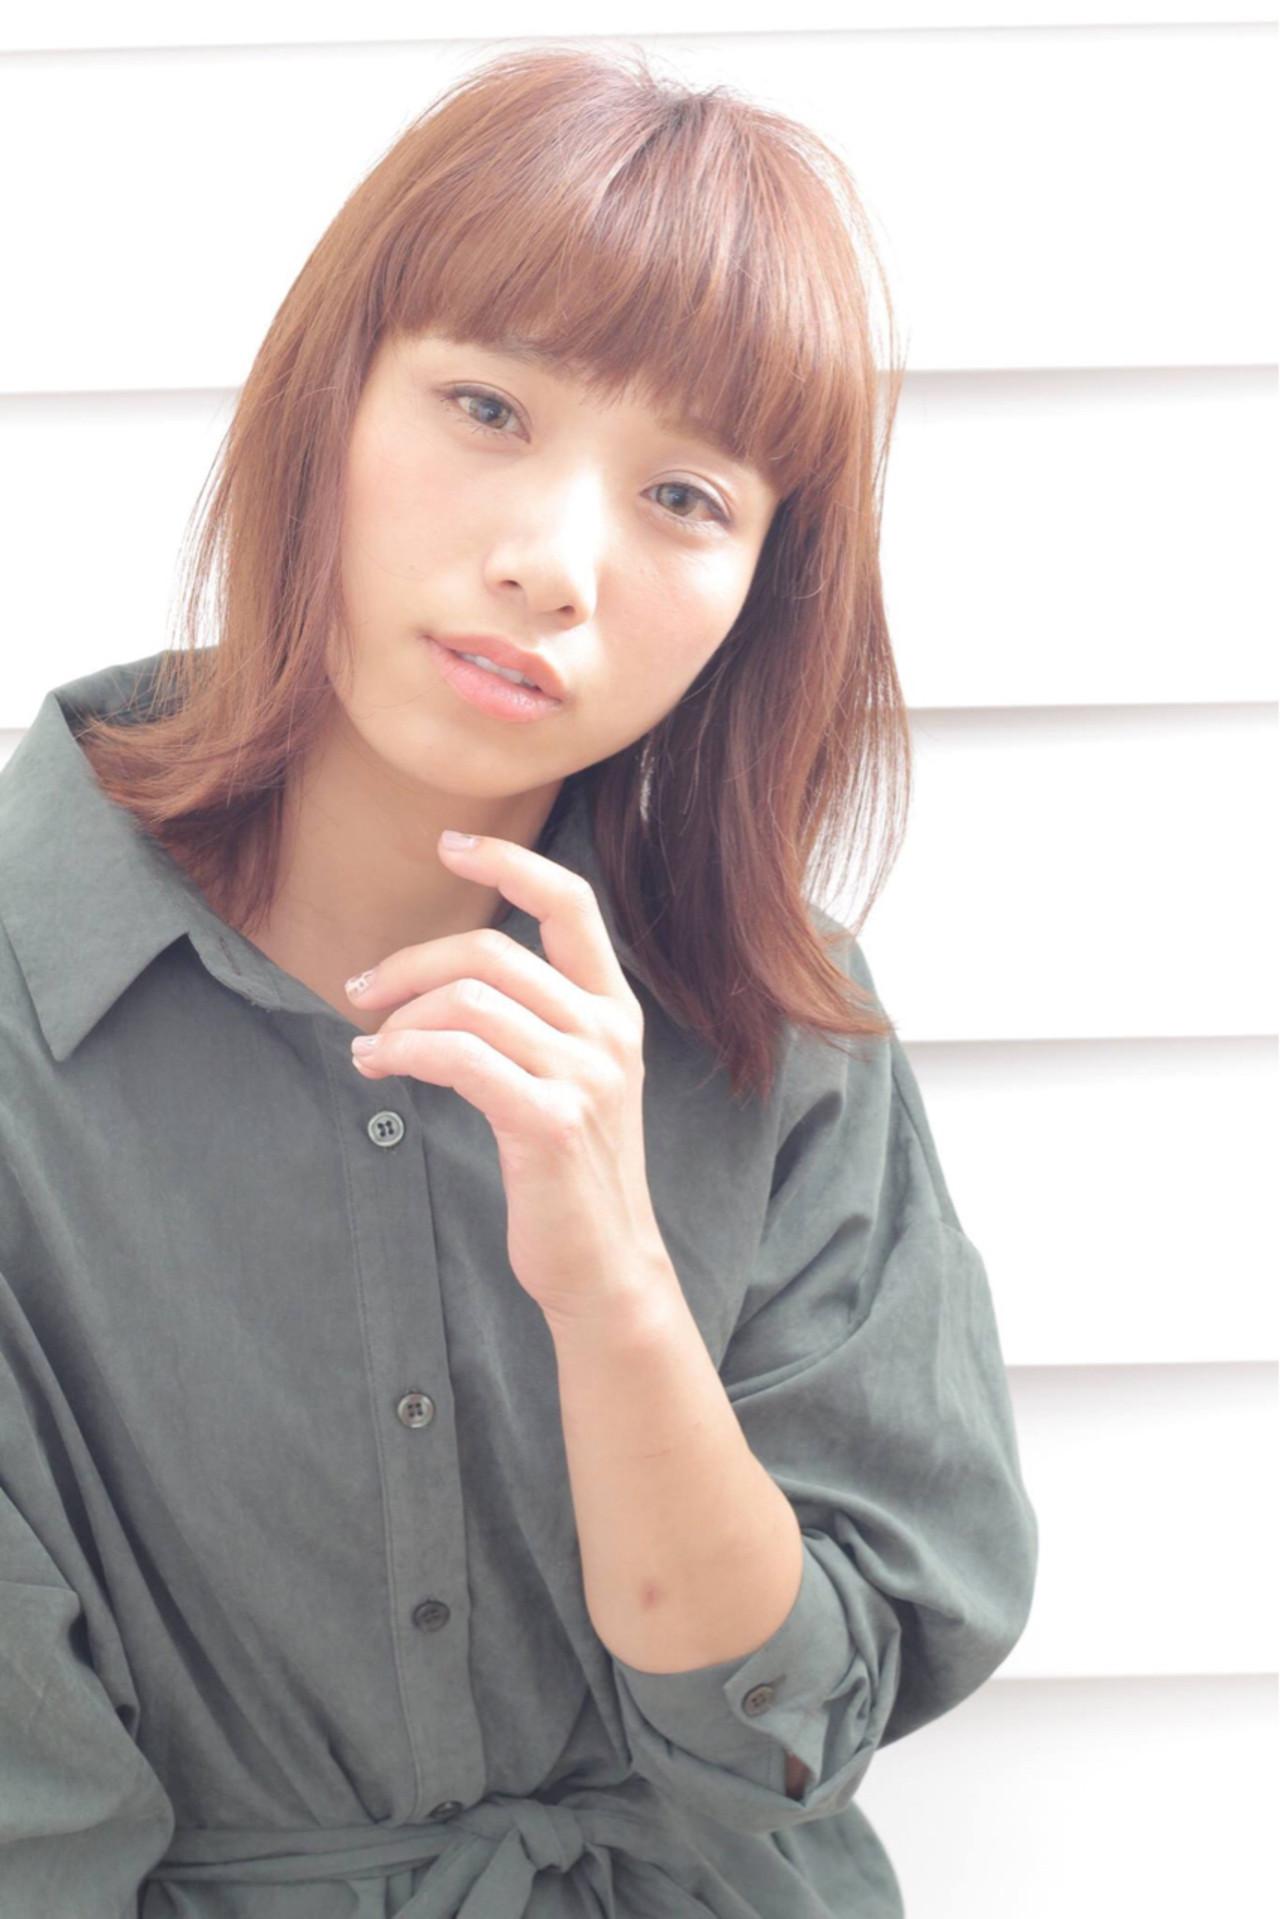 アッシュ ナチュラル パーマ 外国人風 ヘアスタイルや髪型の写真・画像